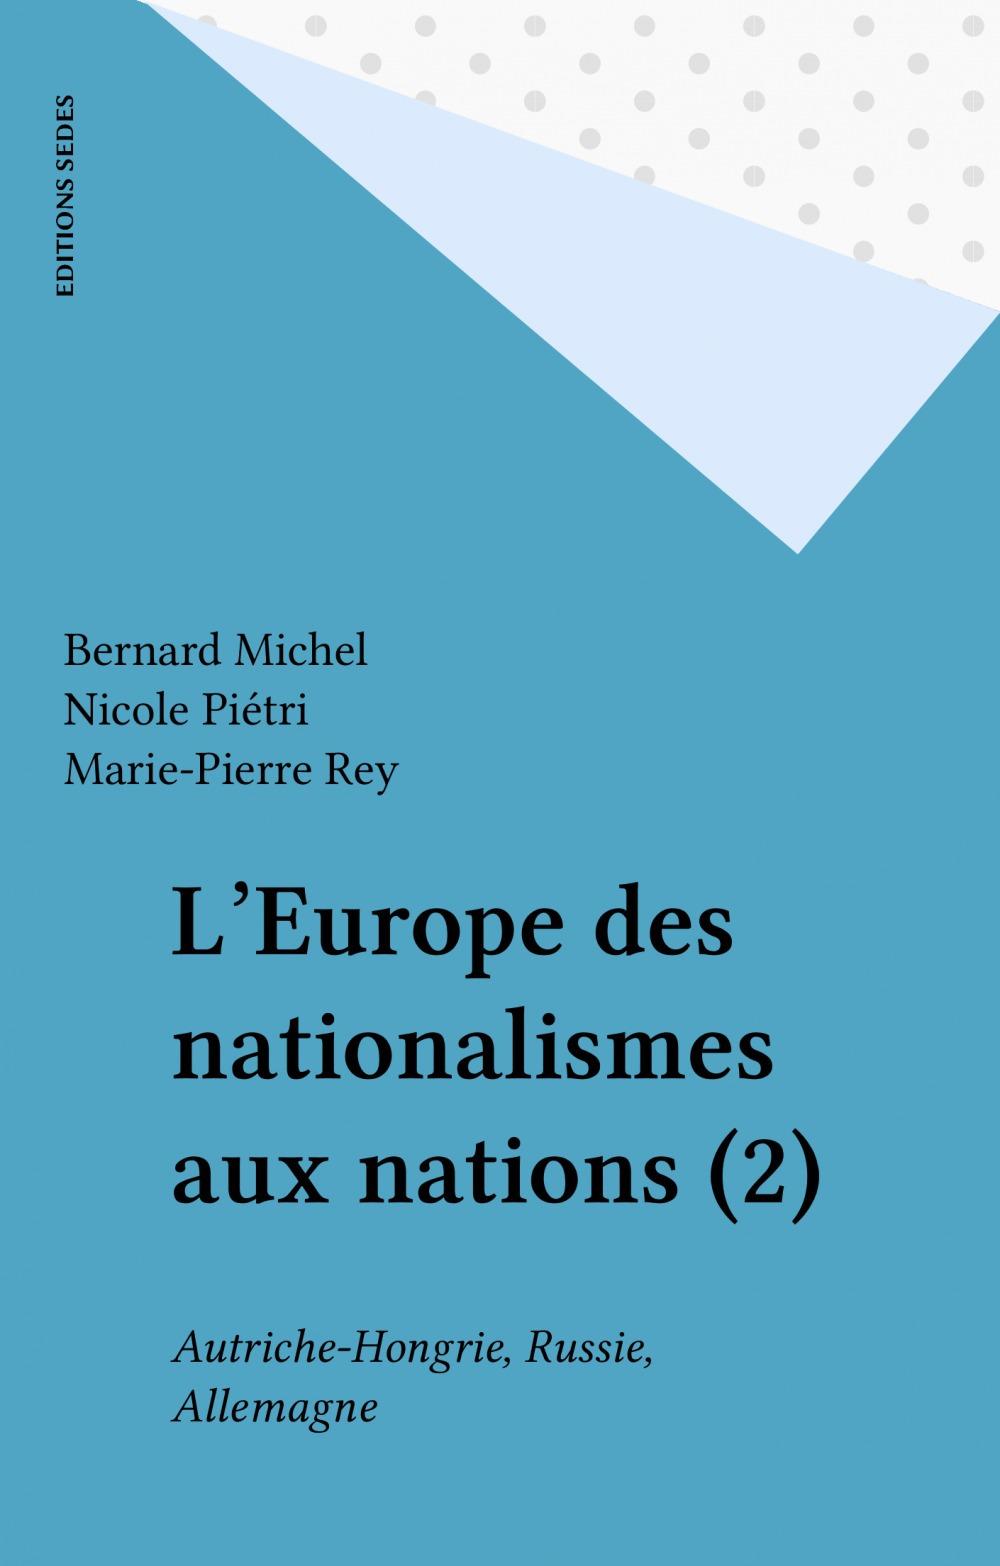 L'Europe des nationalismes aux nations (2)